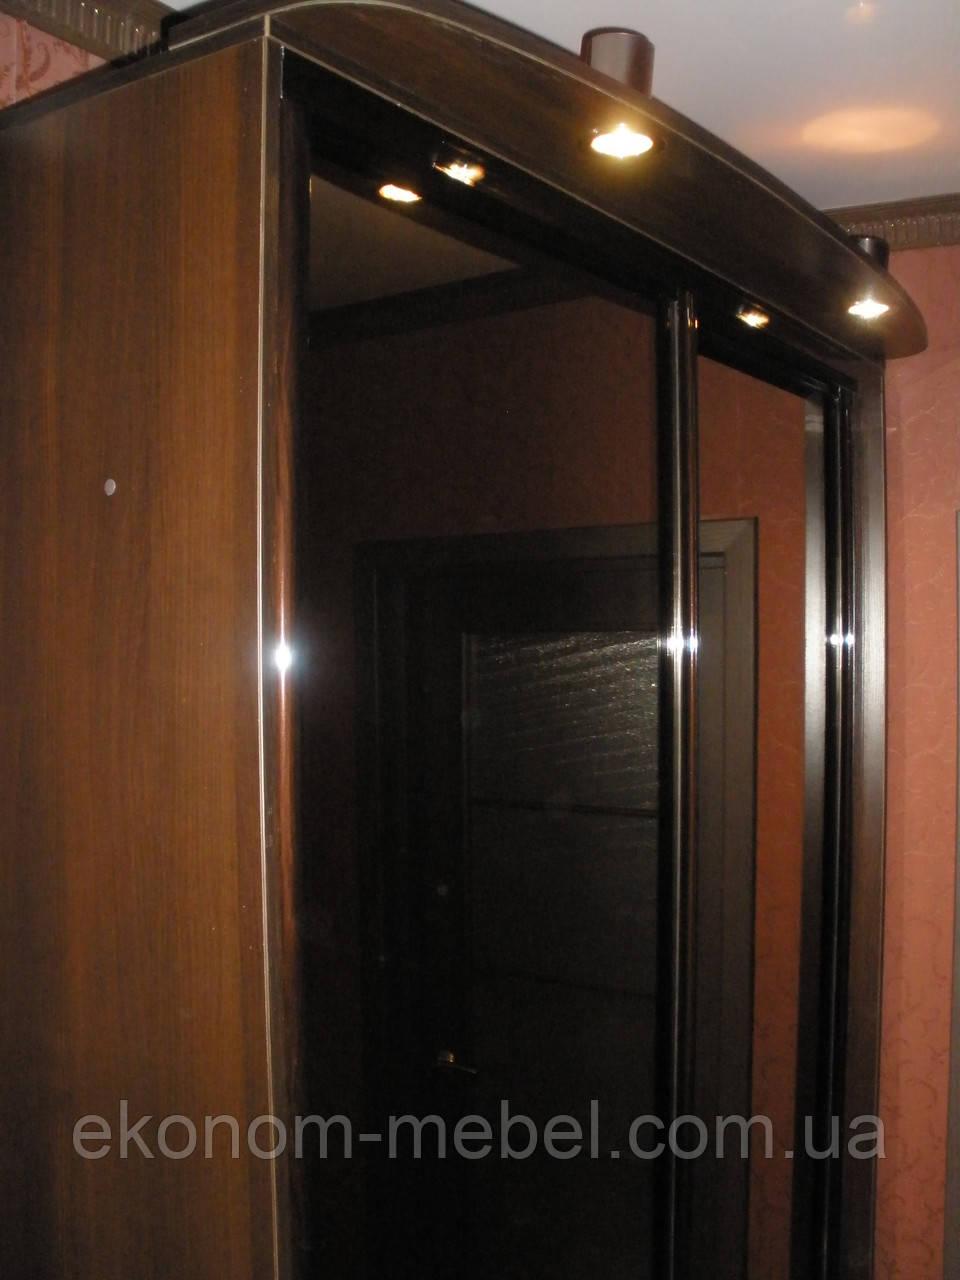 Шкаф купе готовый 2х-дверный ширина 1400мм, глубина 450мм, высота 2100мм. Одесса